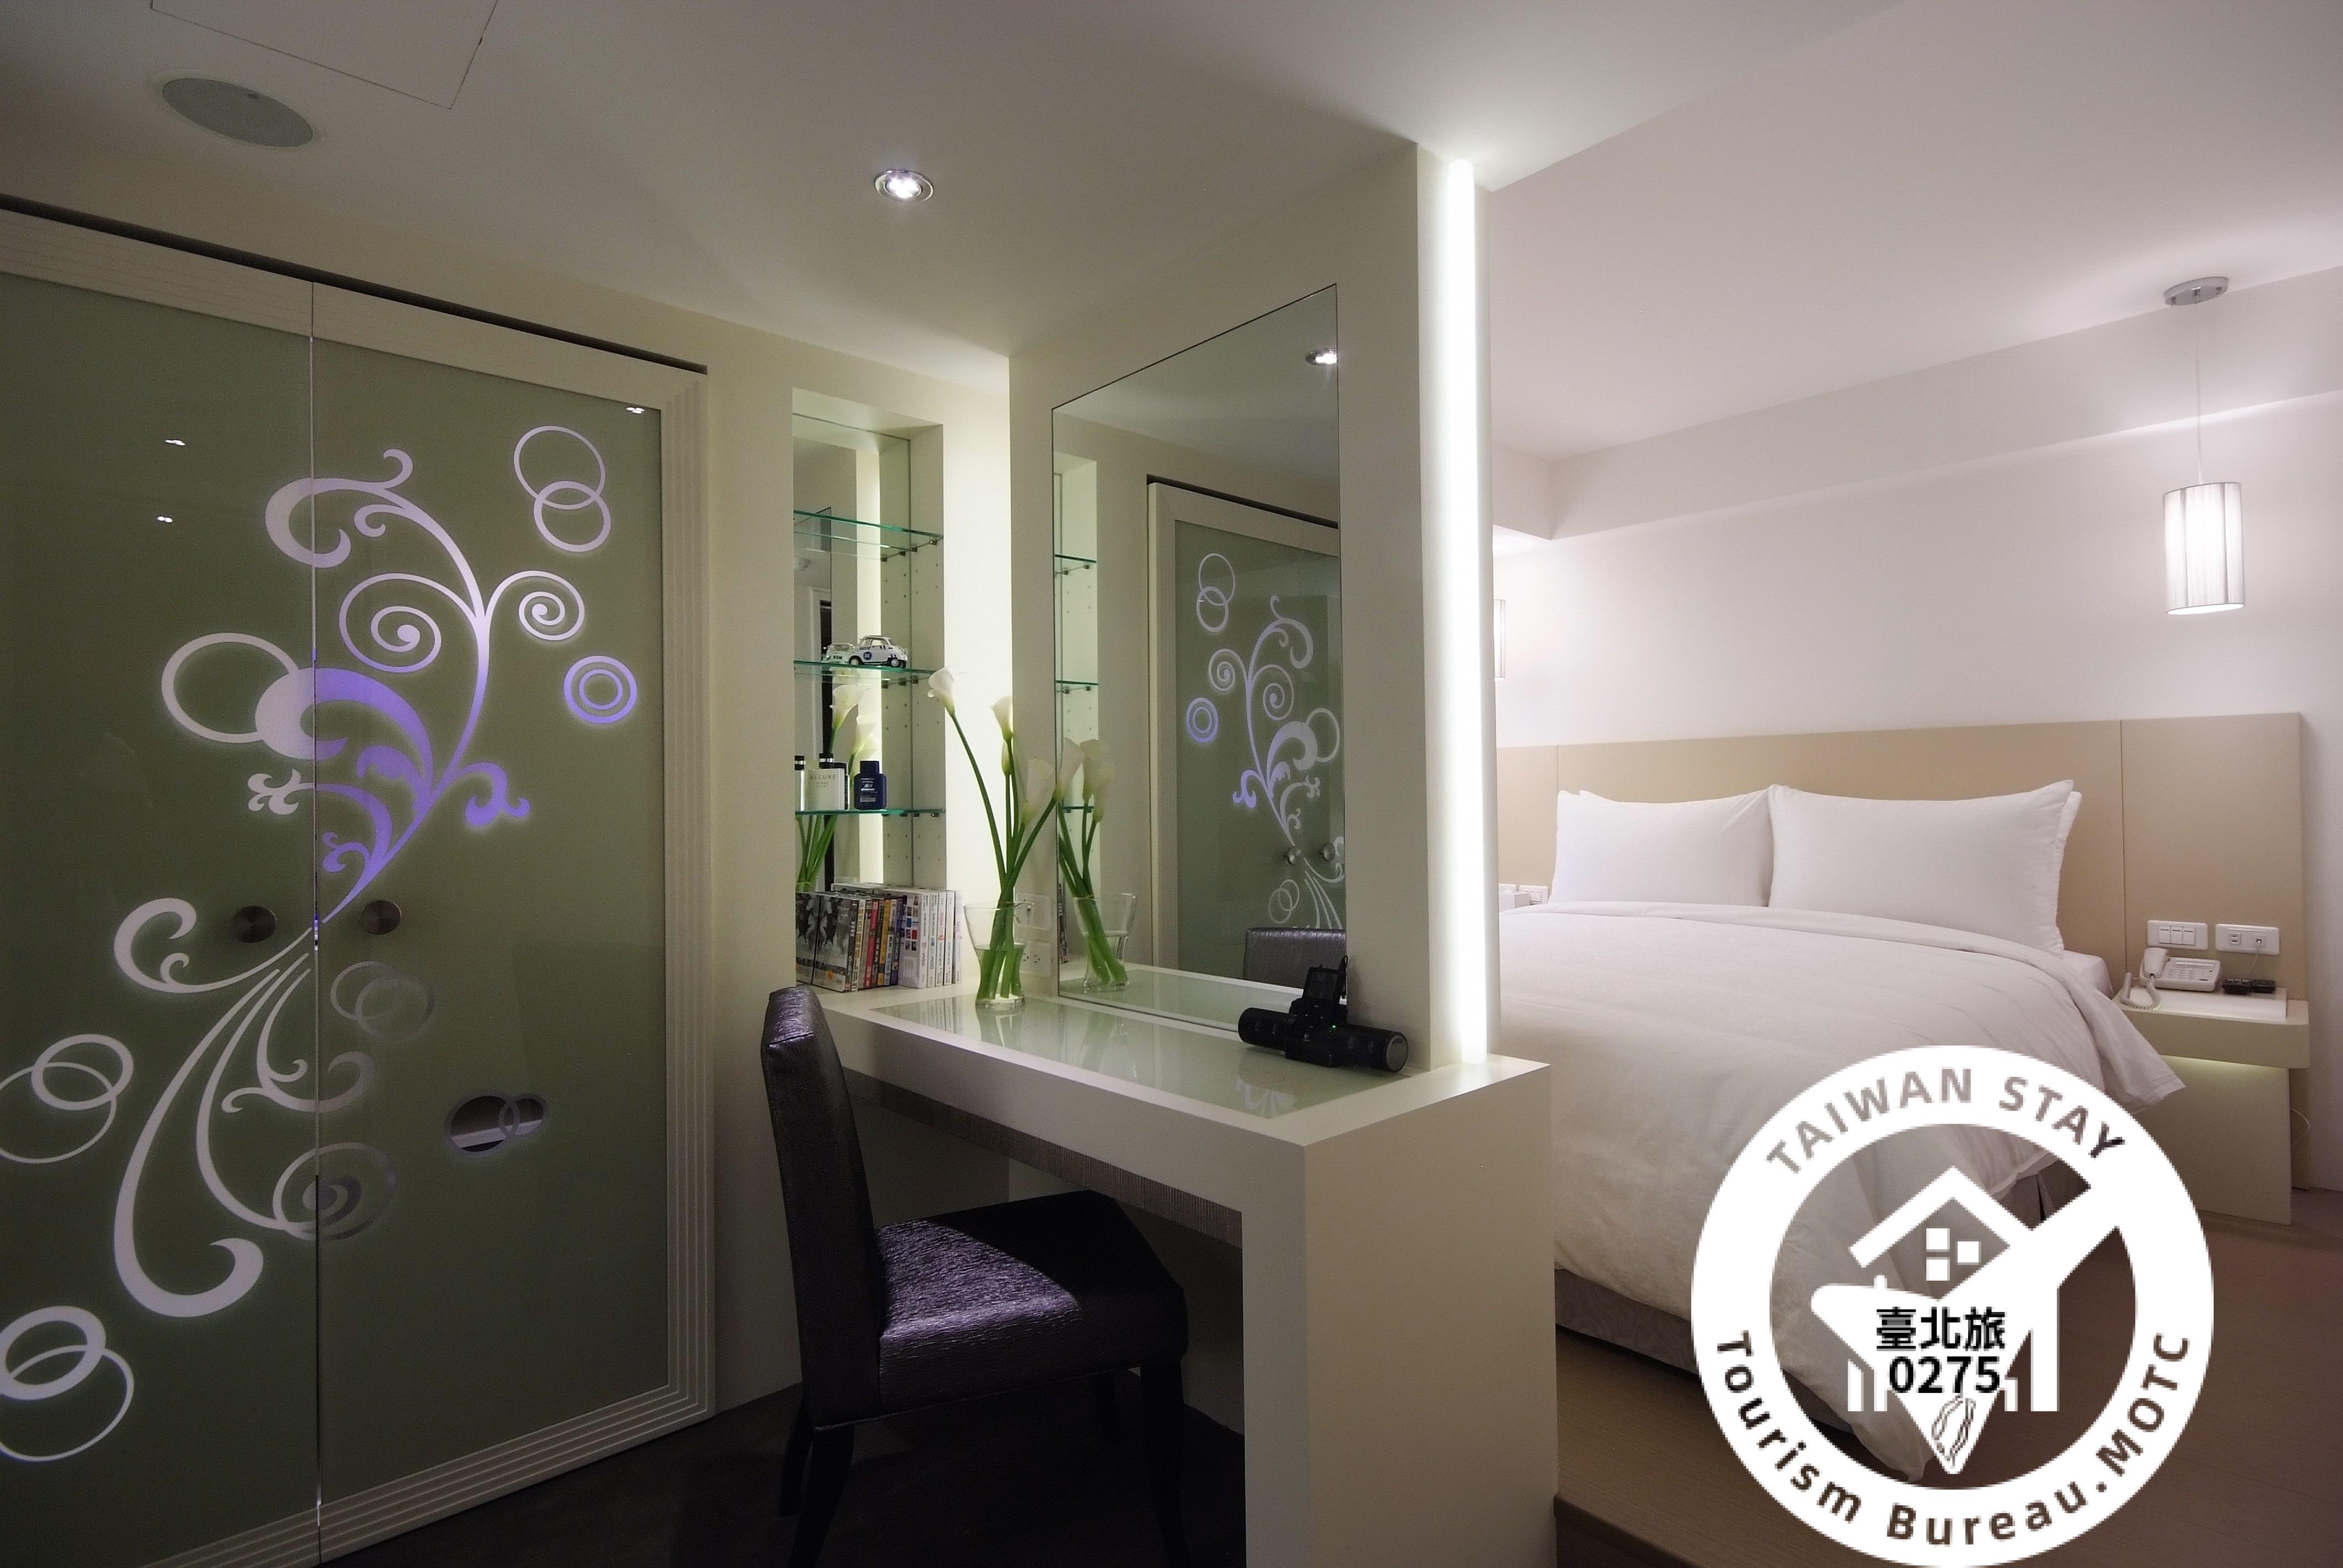 標準客房Standard Room照片_1